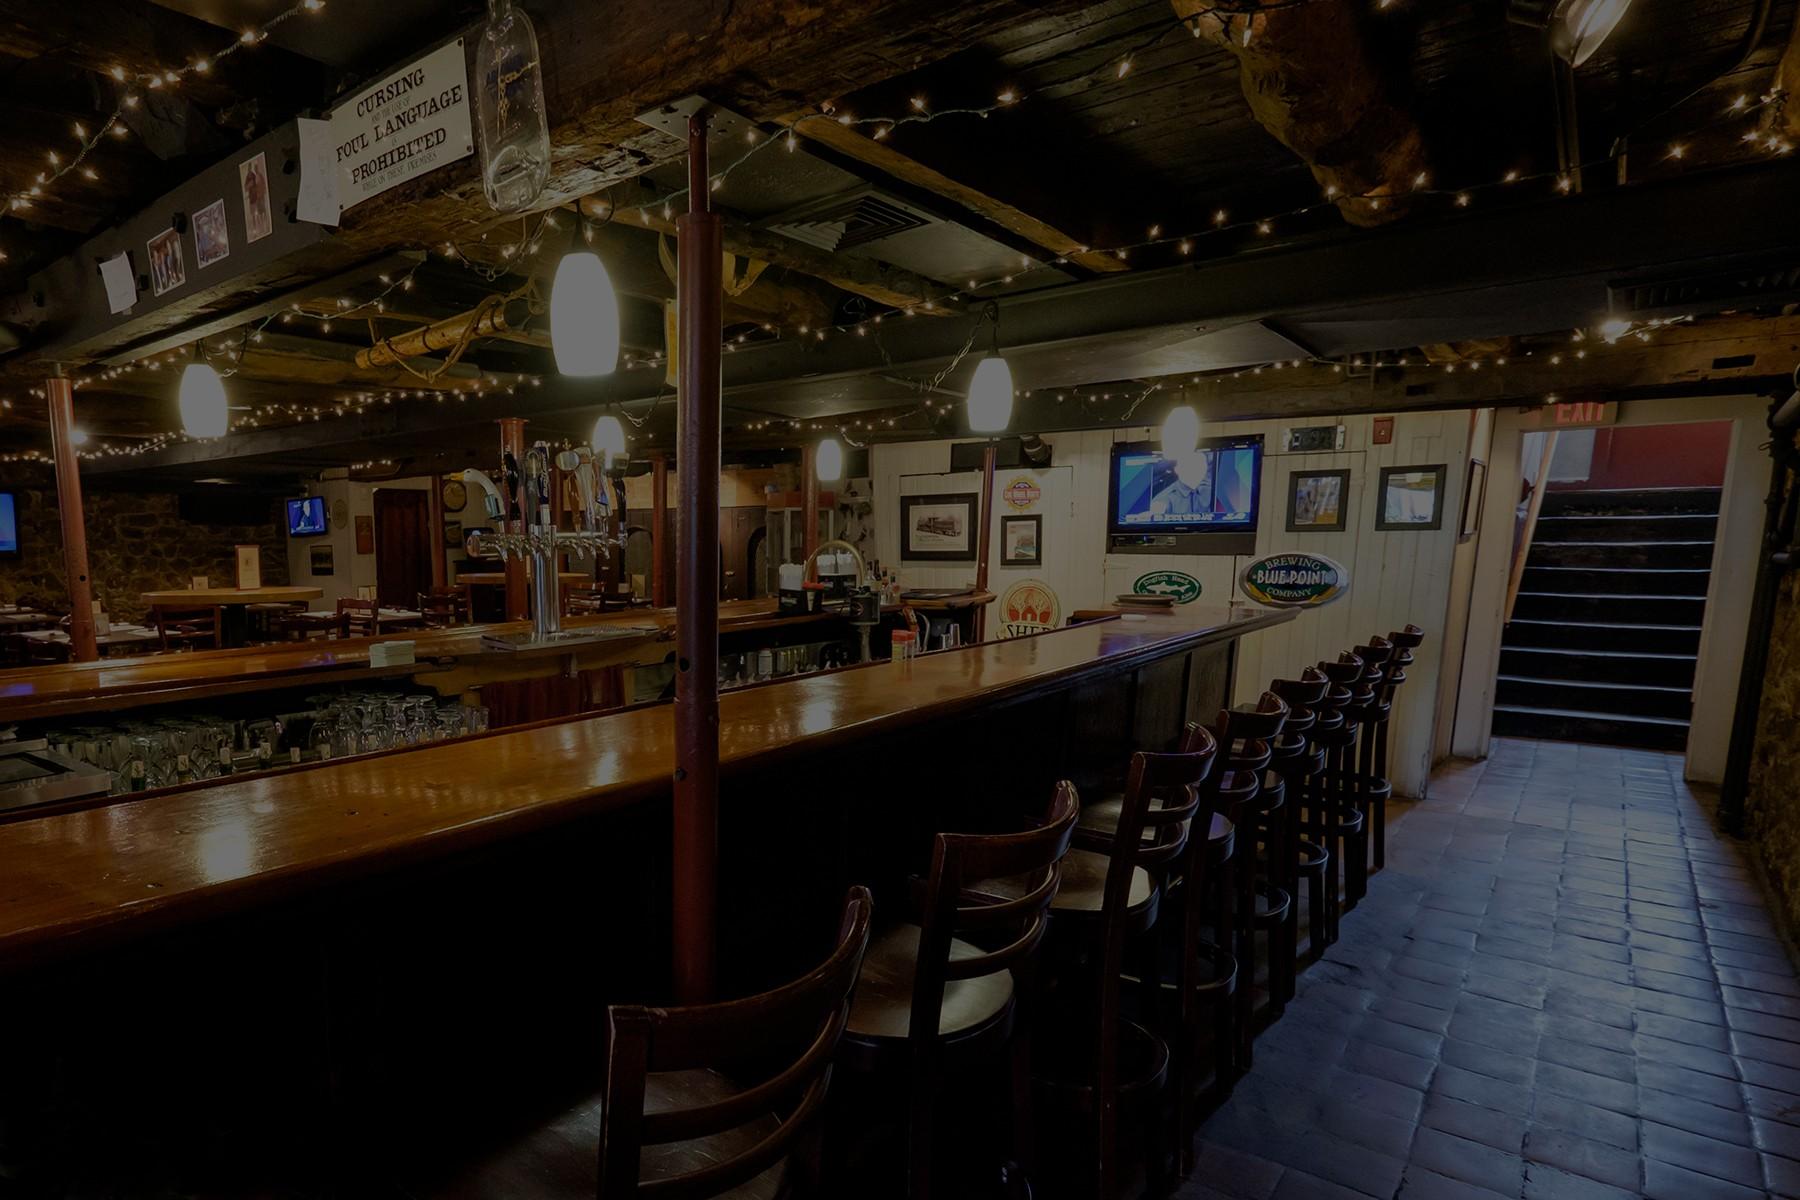 Welcome to the Dunellen Hotel Restaurant & Rathskellar